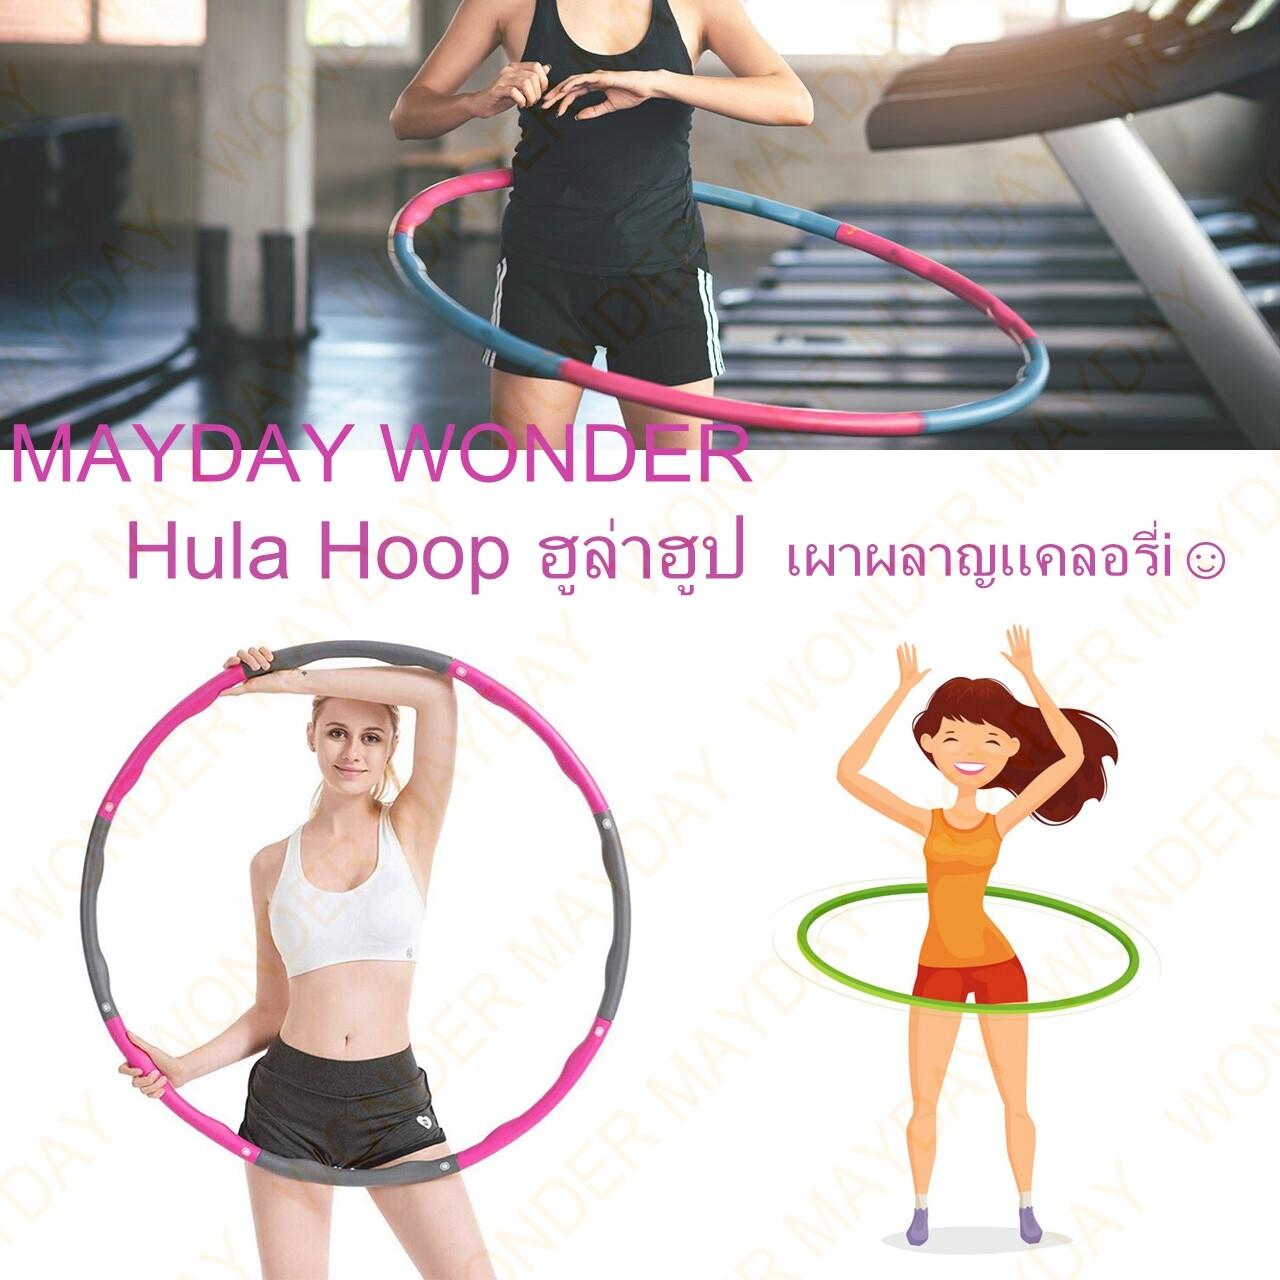 Mayday Hula Hoop ฮูล่าฮูป ฮูลาฮูปห่วงออกกำลังกายลดหน้าท้อง ขนาดบาง ถอดประกอบได้ทั้งหมด 8 ท่อน เหมาะสำหรับการเล่นกีฬาทั้งผู้ใหญ่และเด็ก [in Stock & Fast Shipping ].